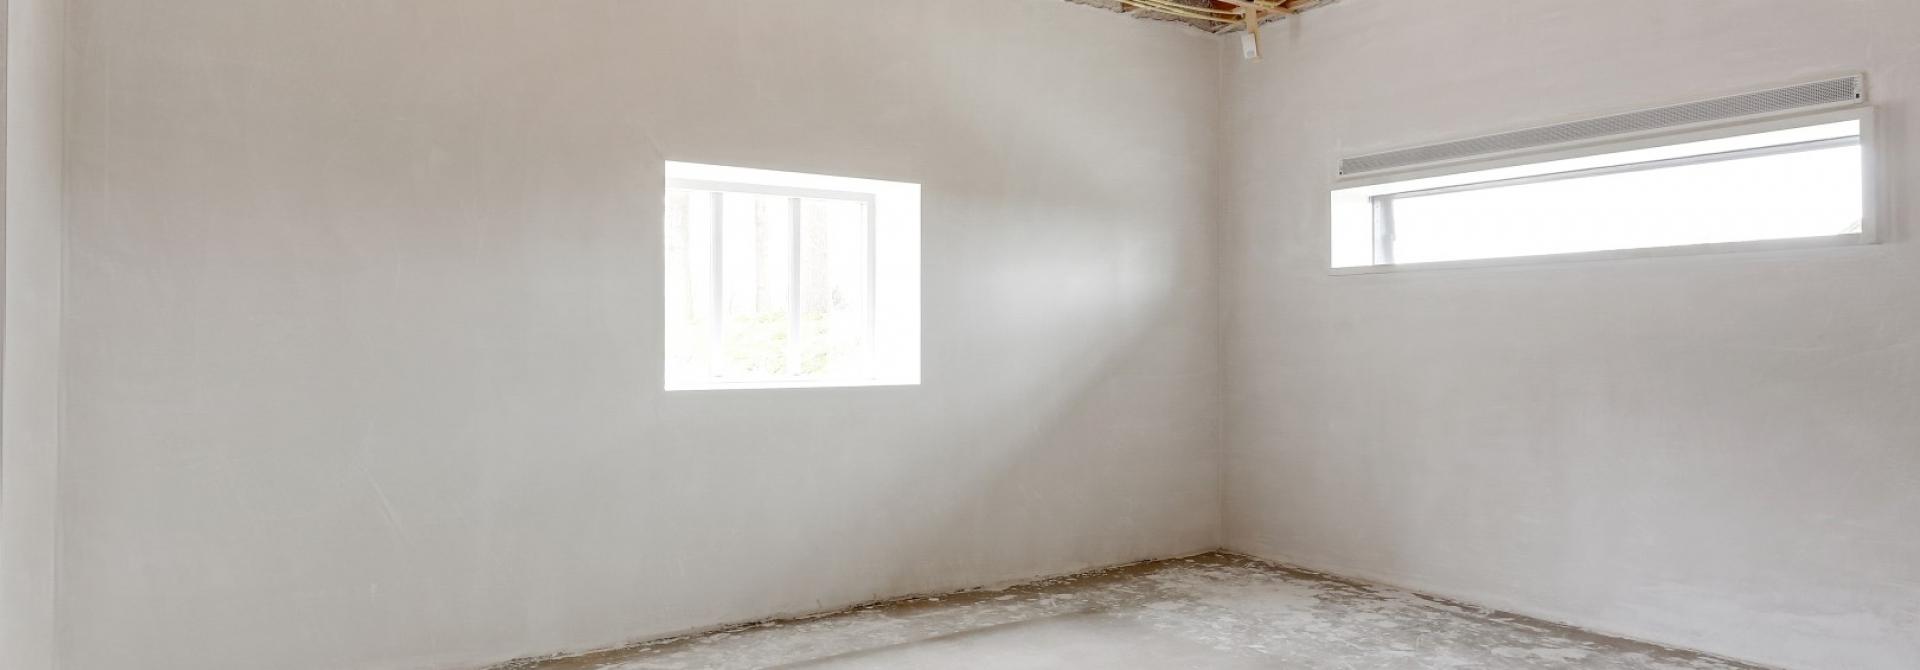 Boerderij foto – 13 slaapkamer beneden